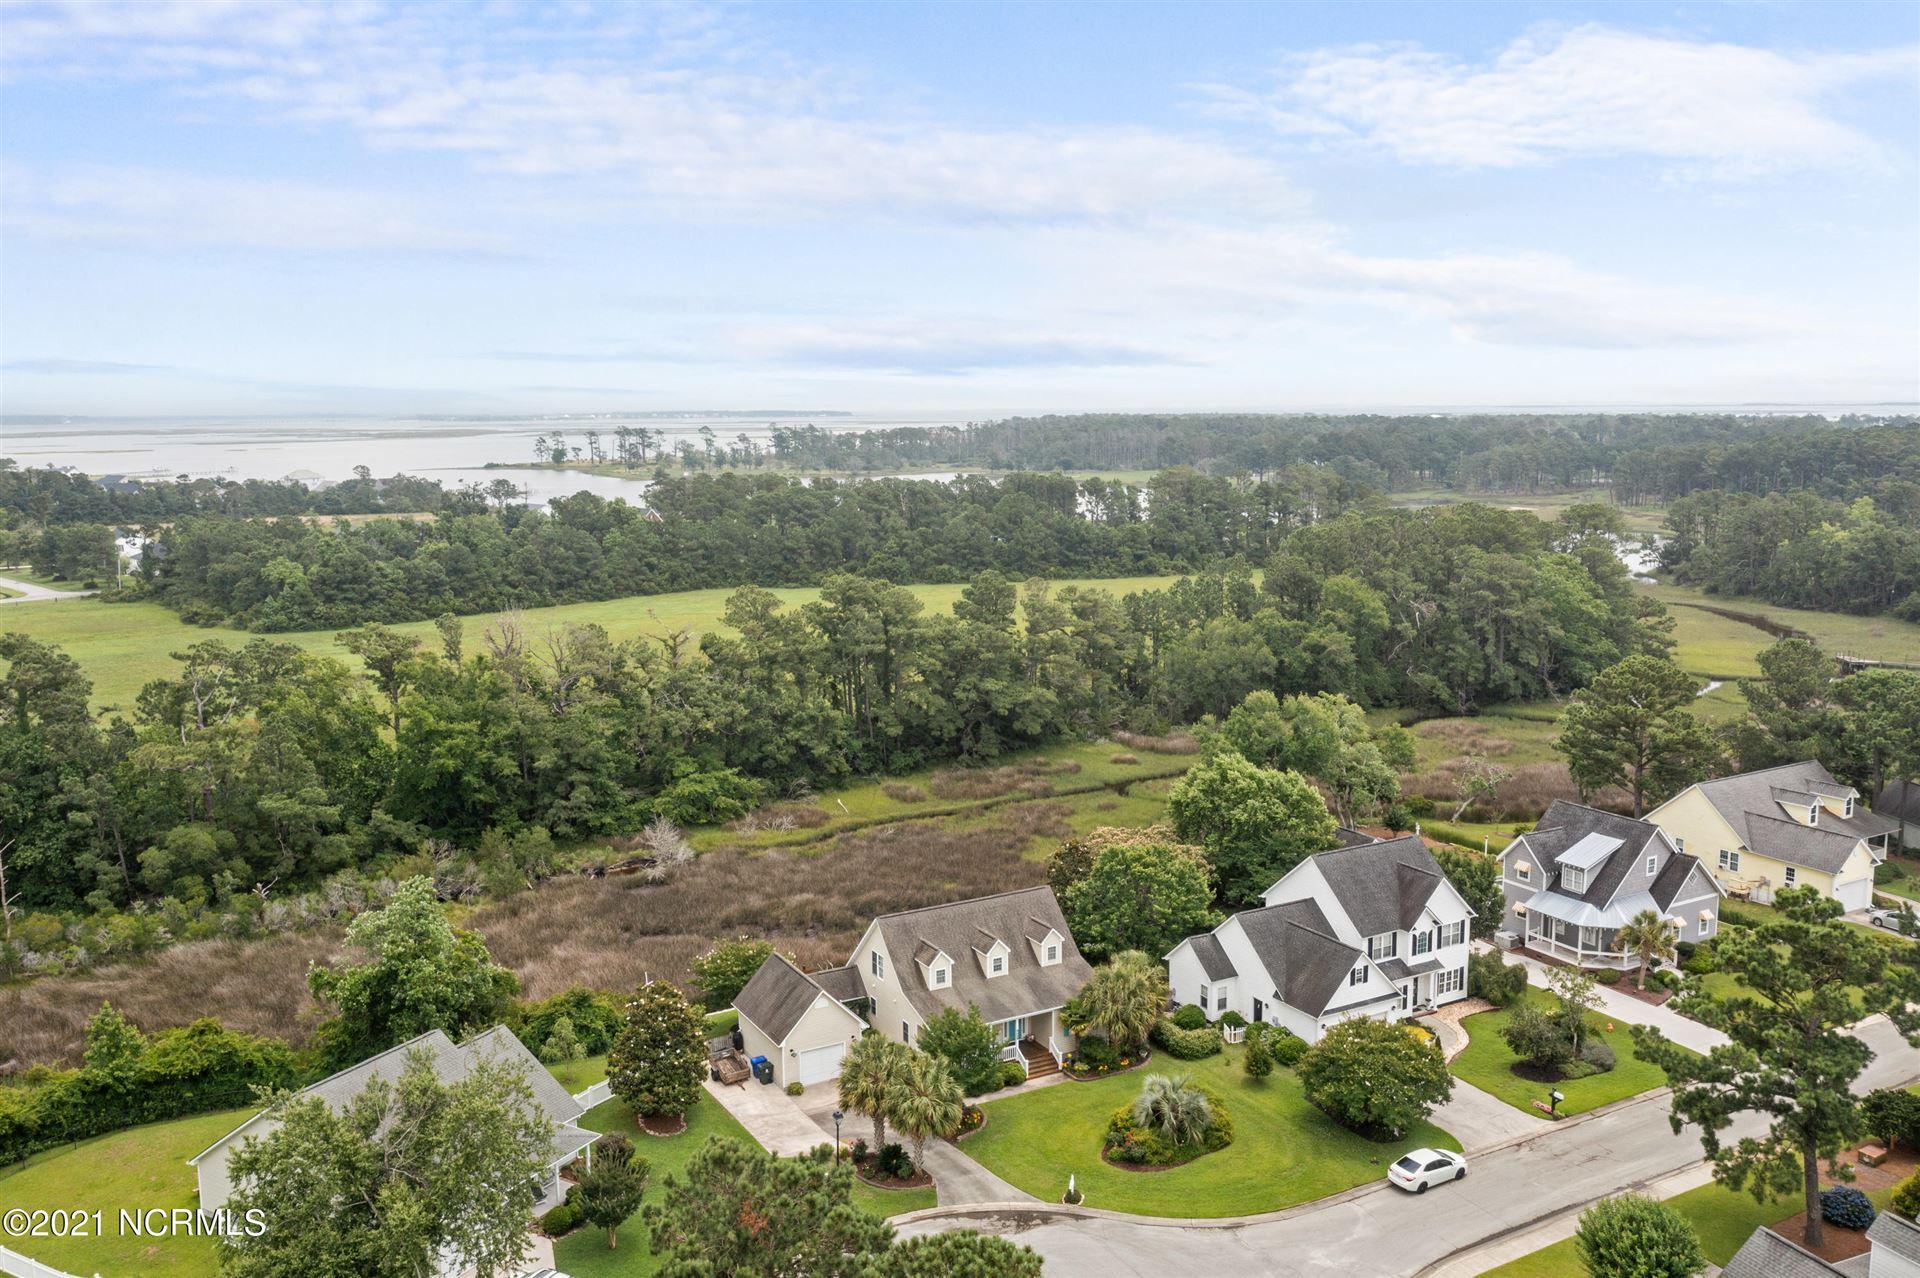 Photo of 109 Plantation Circle, Beaufort, NC 28516 (MLS # 100276623)